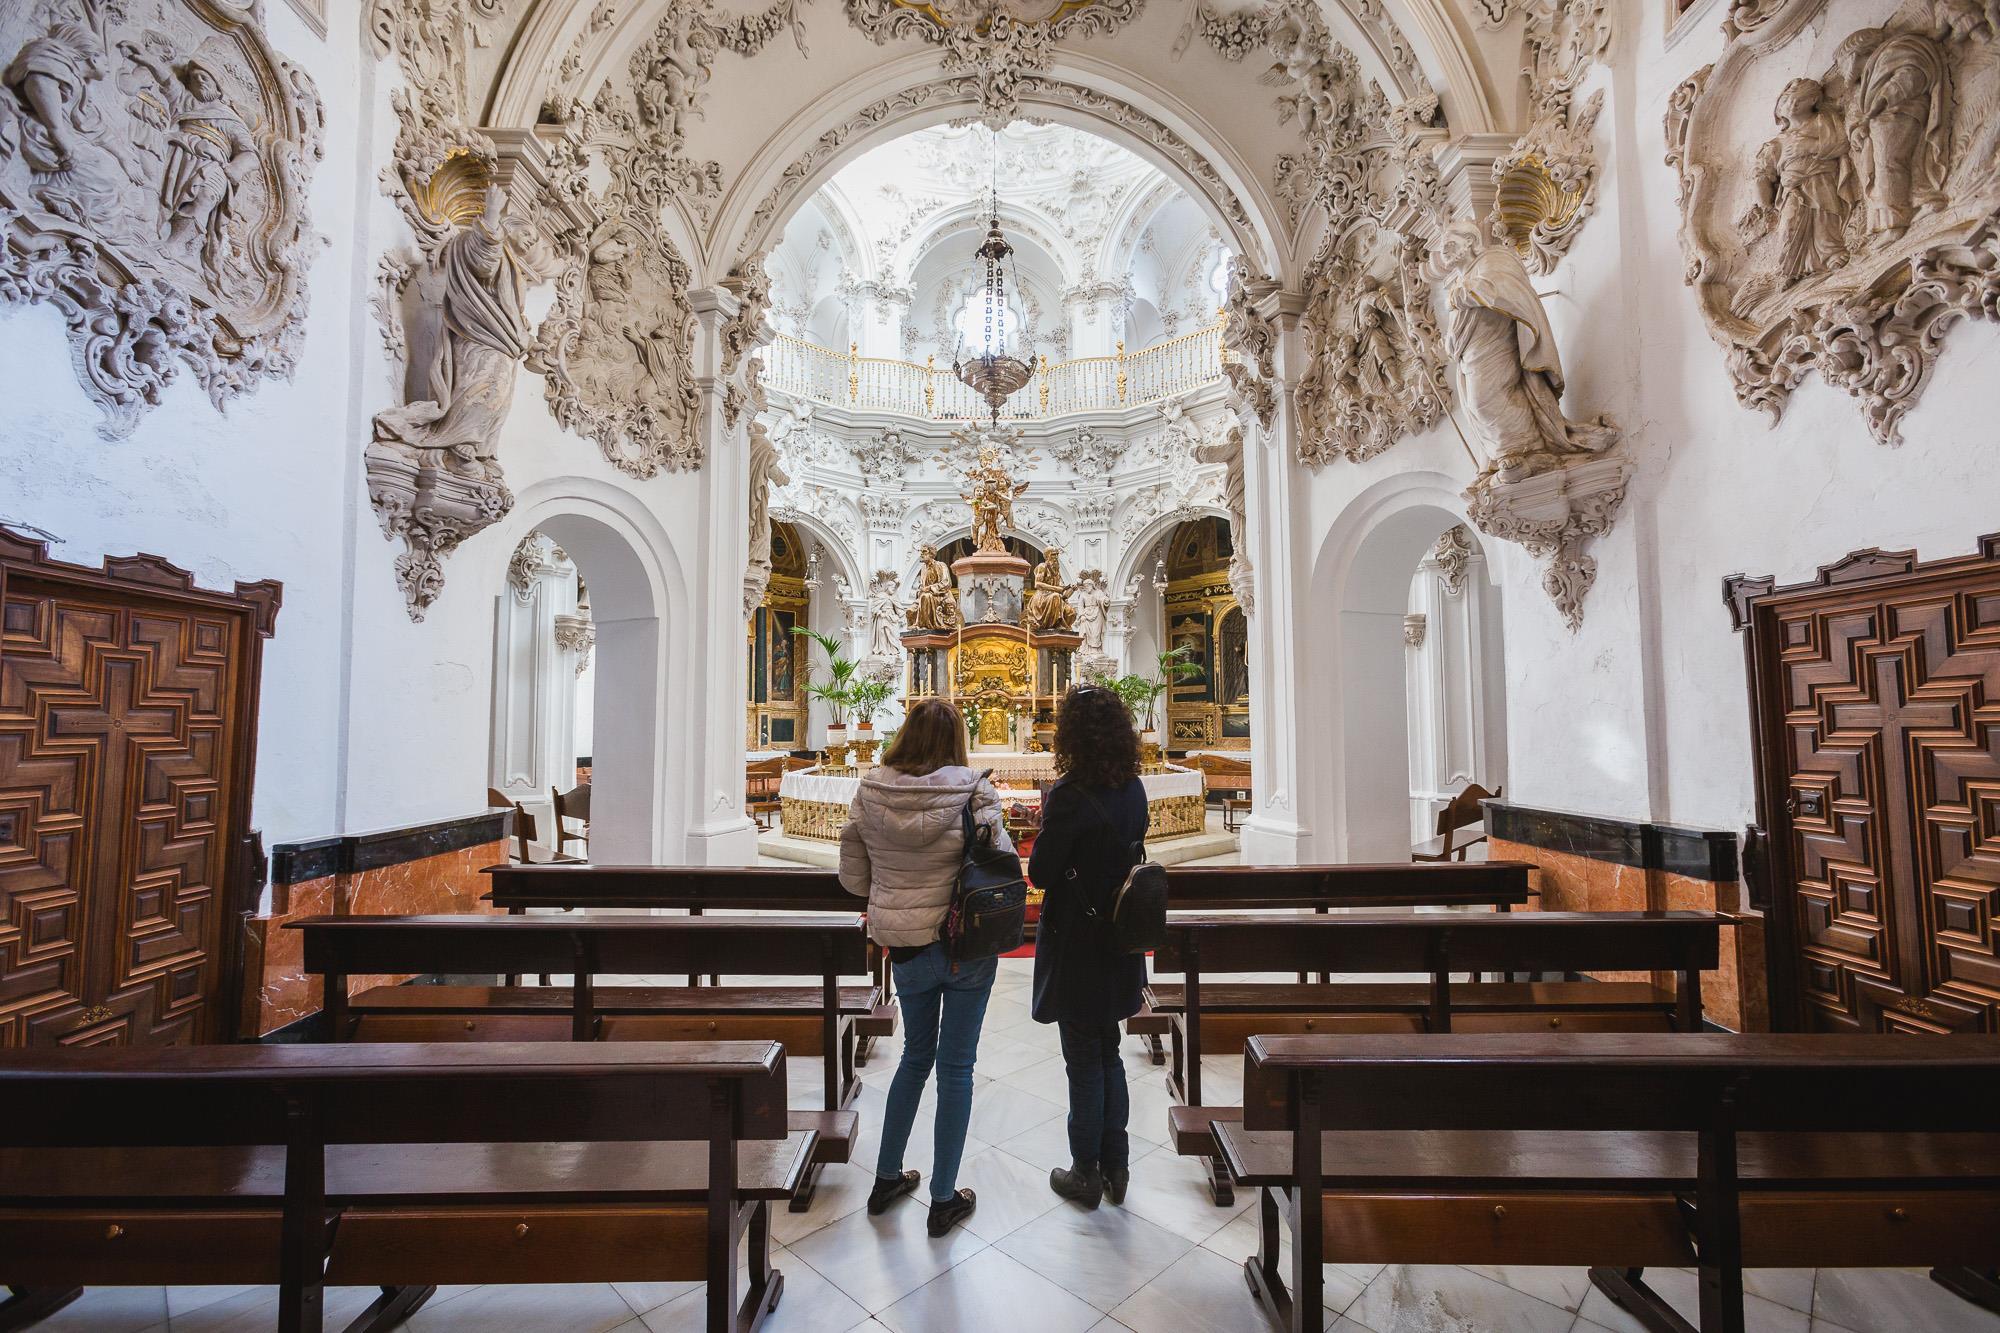 El interior de la Iglesia de Nuestra Señora de la Asunción sorprende, entre otras cosas, por su blancura y su sagrario.